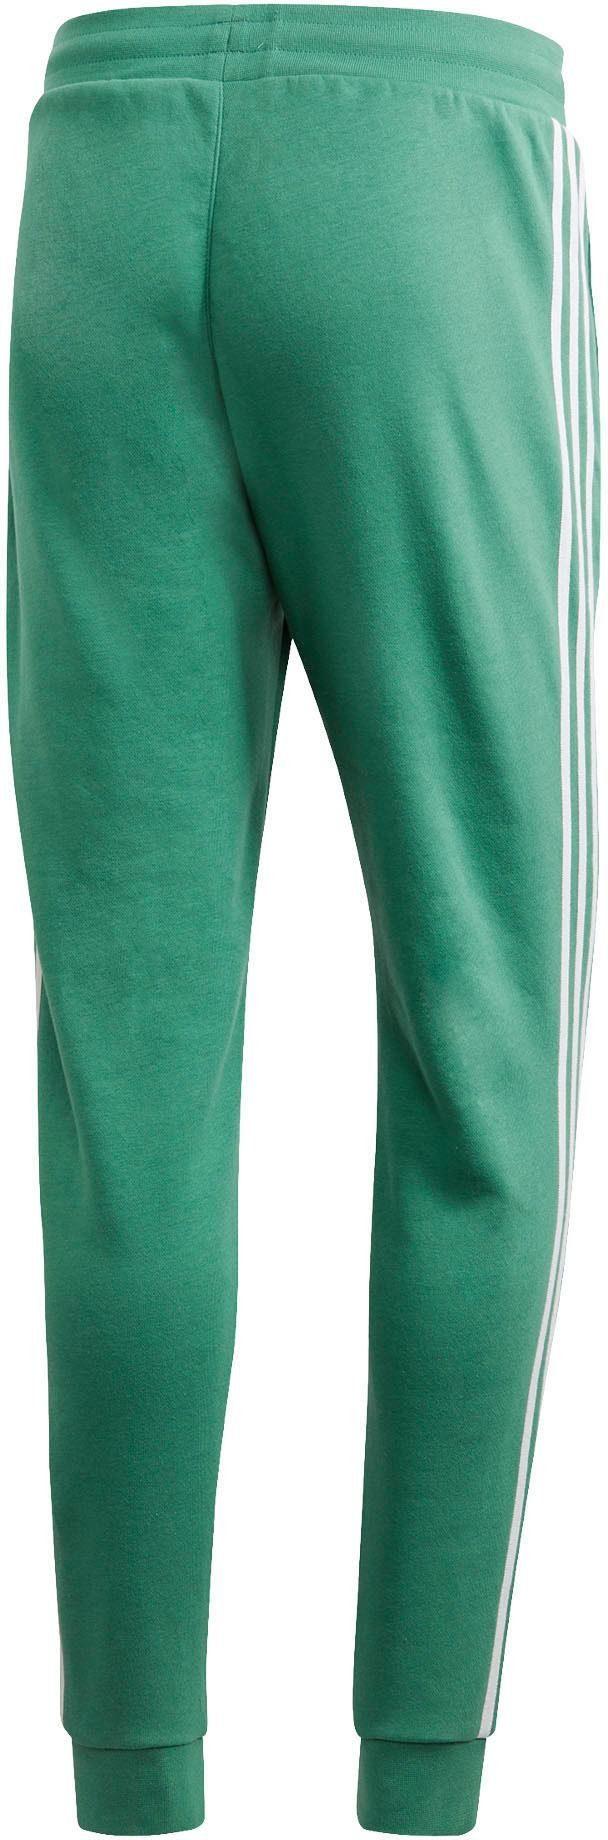 adidas Originals joggingbroek »3 STRIPES PANT«